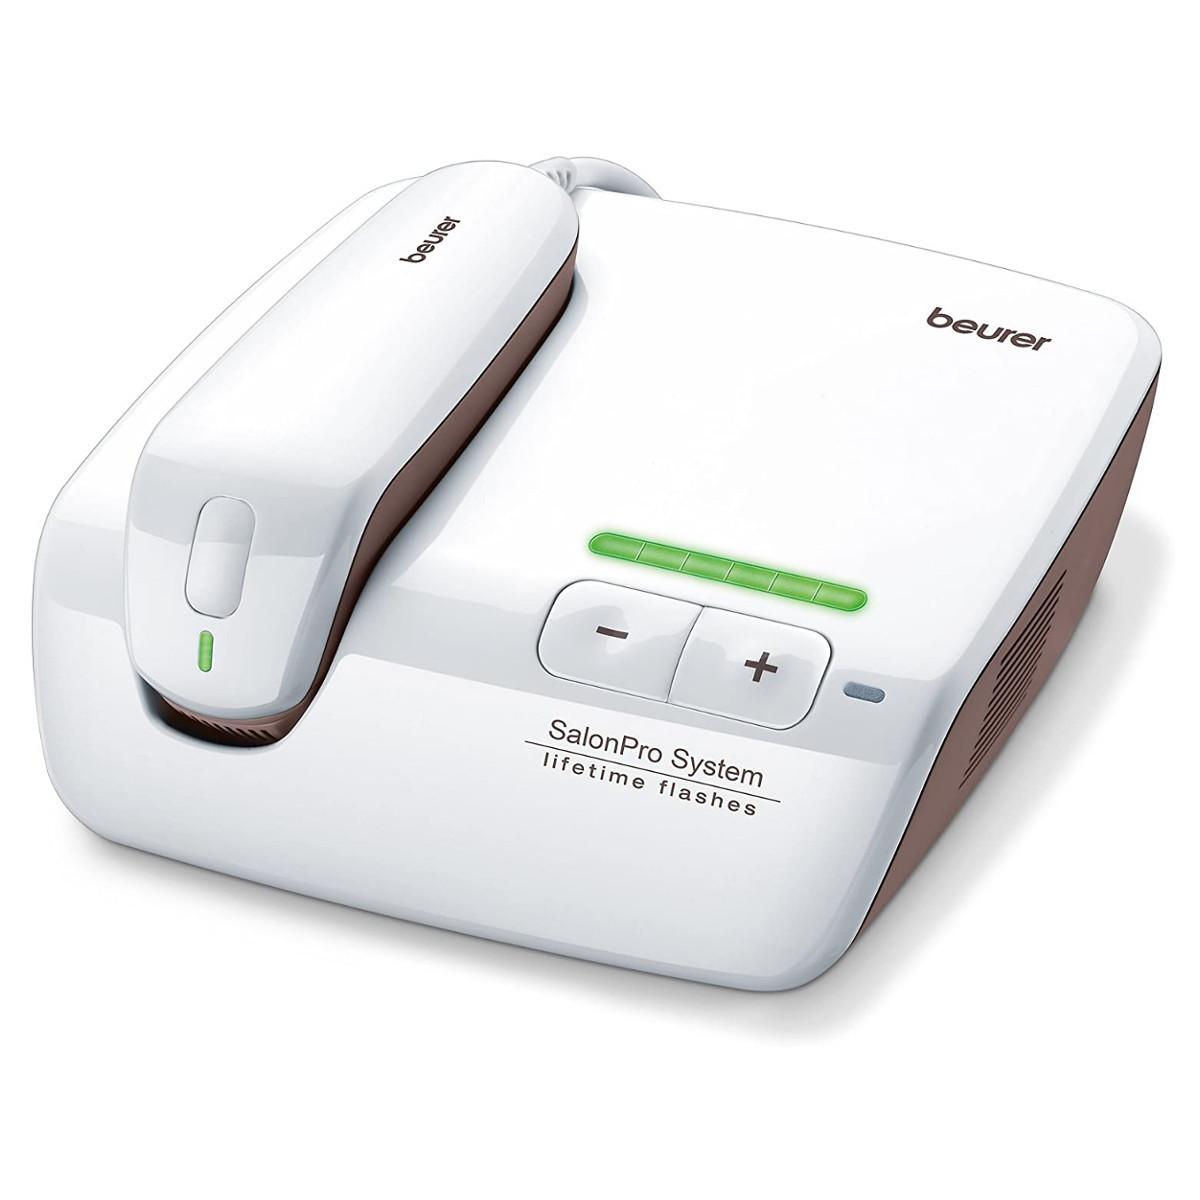 Устройство для постоянной эпиляции Beurer IPL 10000+ SalonPro System